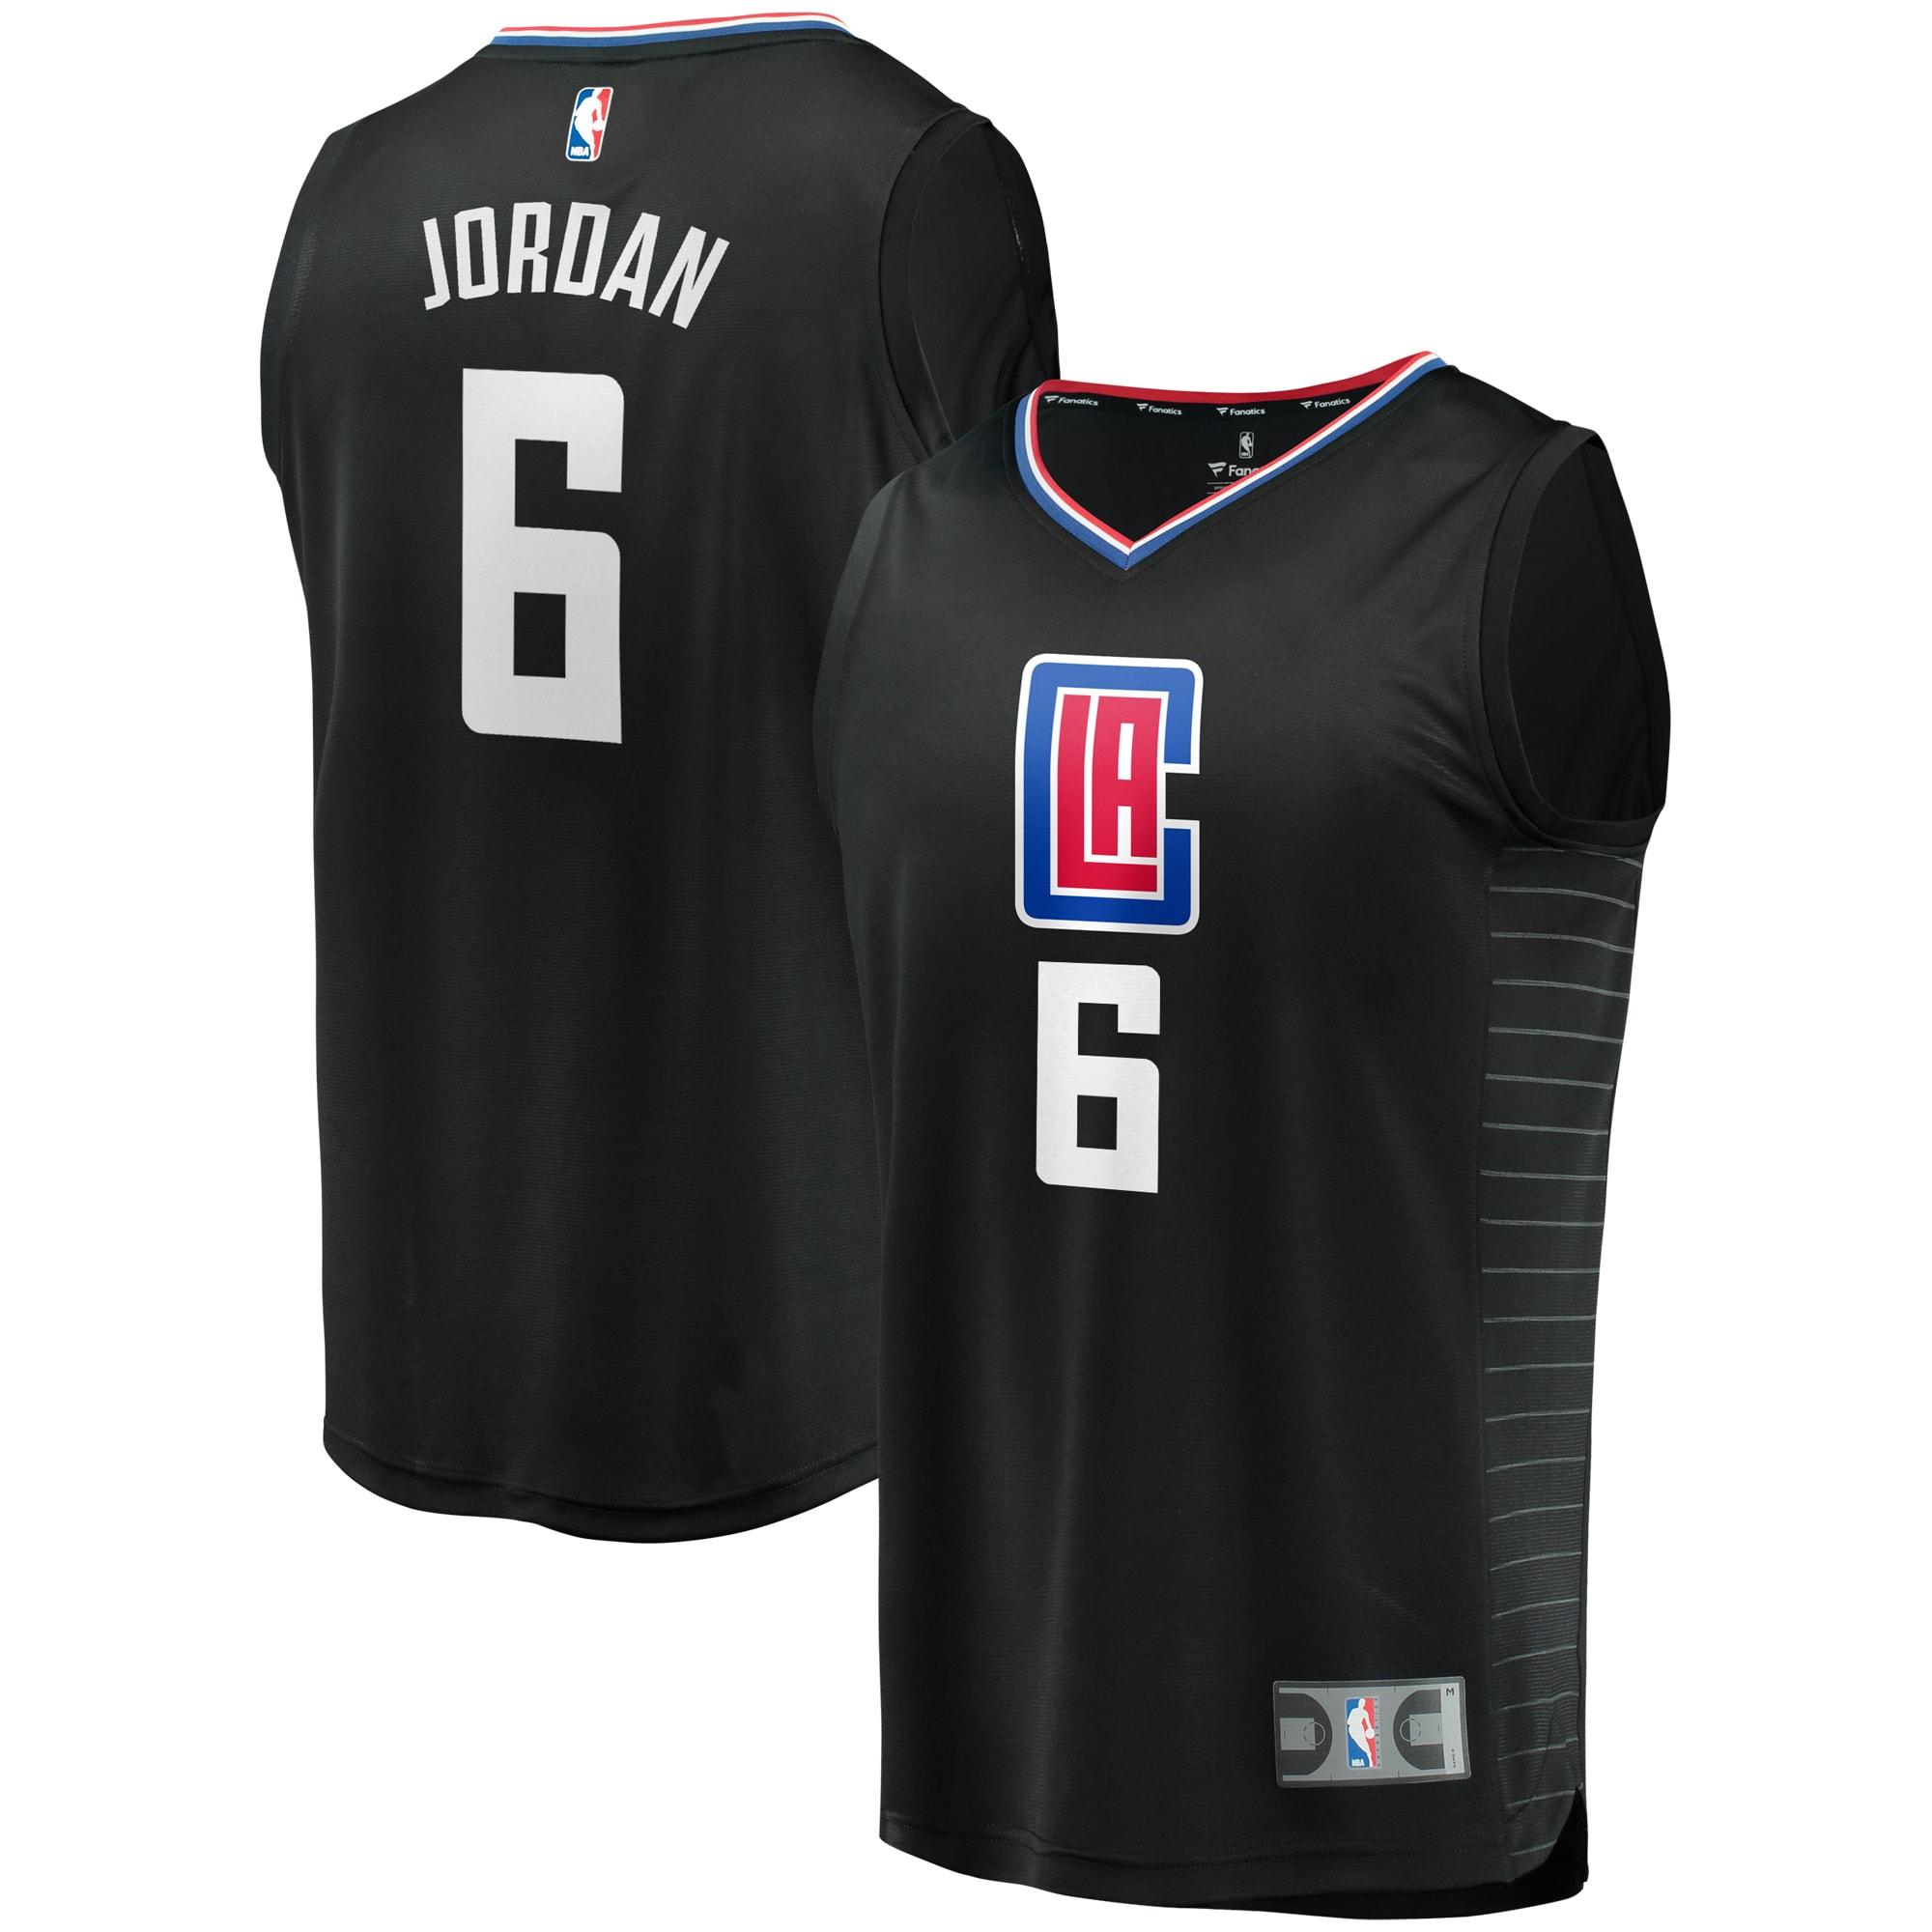 DeAndre Jordan LA Clippers Fanatics Branded Youth Fast Break Replica Jersey Black - Statement Edition